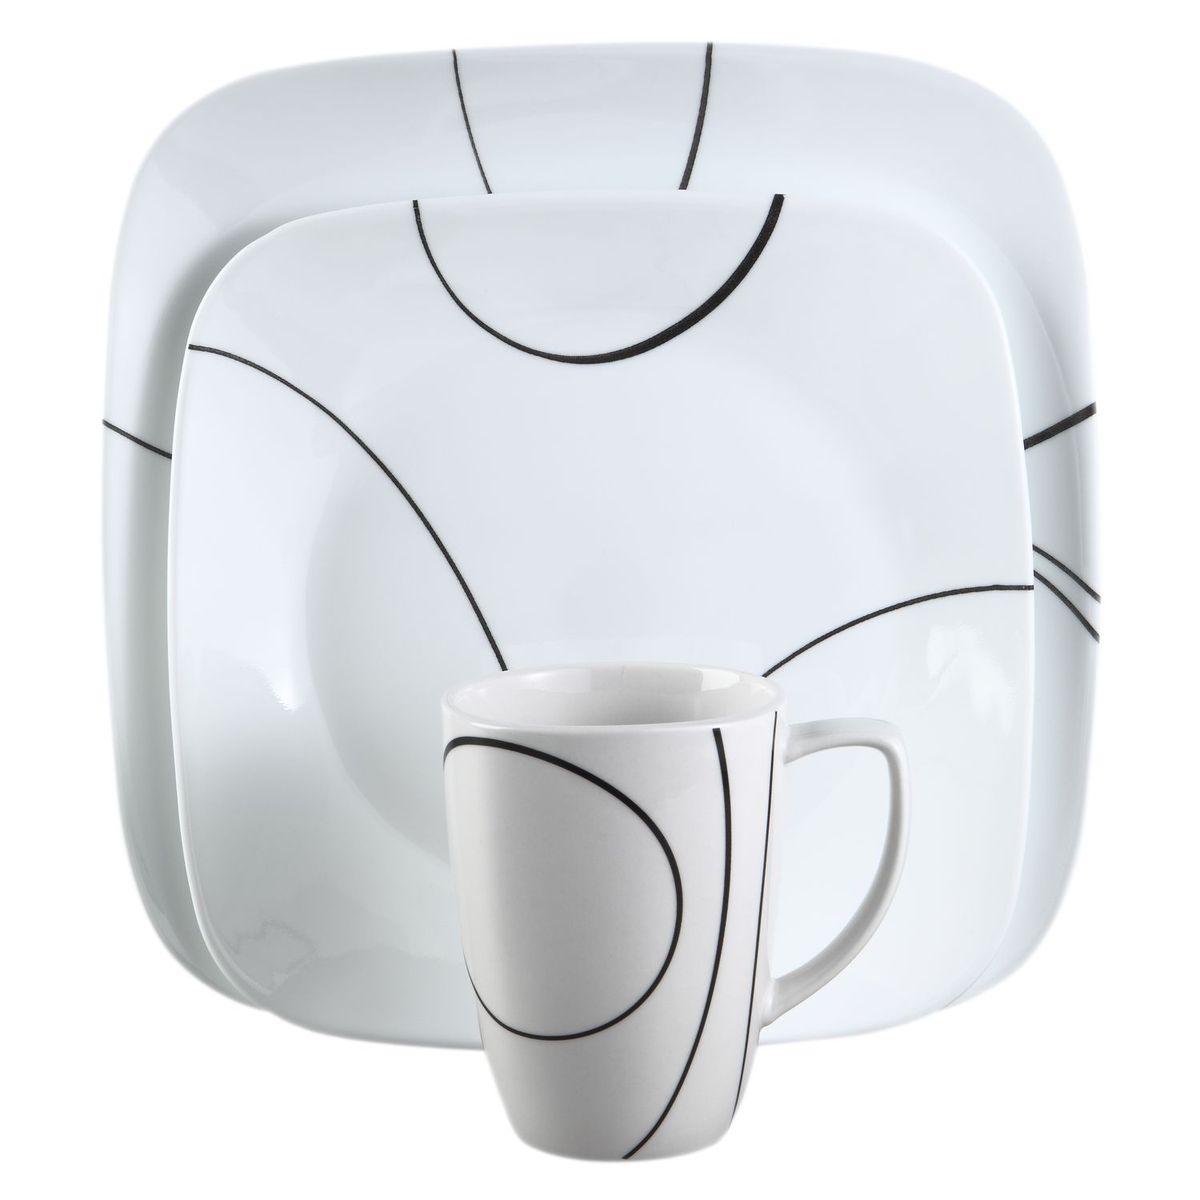 Набор посуды Simple Lines 16пр, цвет: белый с узоромBK-202Преимуществами посуды Corelle являются долговечность, красота и безопасность в использовании. Вся посуда Corelle изготавливается из высококачественного ударопрочного трехслойного стекла Vitrelle и украшена деколями американских и европейских дизайнеров. Рисунки не стираются и не царапаются, не теряют свою яркость на протяжении многих лет. Посуда Corelle не впитывает запахов и очень долгое время выглядит как новая. Уникальная эмаль, используемая во время декорирования, фактически становится единым целым с поверхностью стекла, что гарантирует долгое сохранение нанесенного рисунка. Еще одним из главных преимуществ посуды Corelle является ее безопасность. В производстве используются только безопасные для пищи пигменты эмали, при производстве посуды не применяется вредный для здоровья человека меламин. Изделия из материала Vitrelle: Прочные и легкие; Выдерживают температуру до 180С; Могут использоваться в посудомоечной машине и микроволновой печи; Штабелируемые; Устойчивы к царапинам; Ударопрочные; Не содержит меламин.4 обеденные тарелки 26 см; 4 закусочные тарелки 22 см; 4 суповые тарелки 650 мл; 4 фарфоровые кружки 350 мл